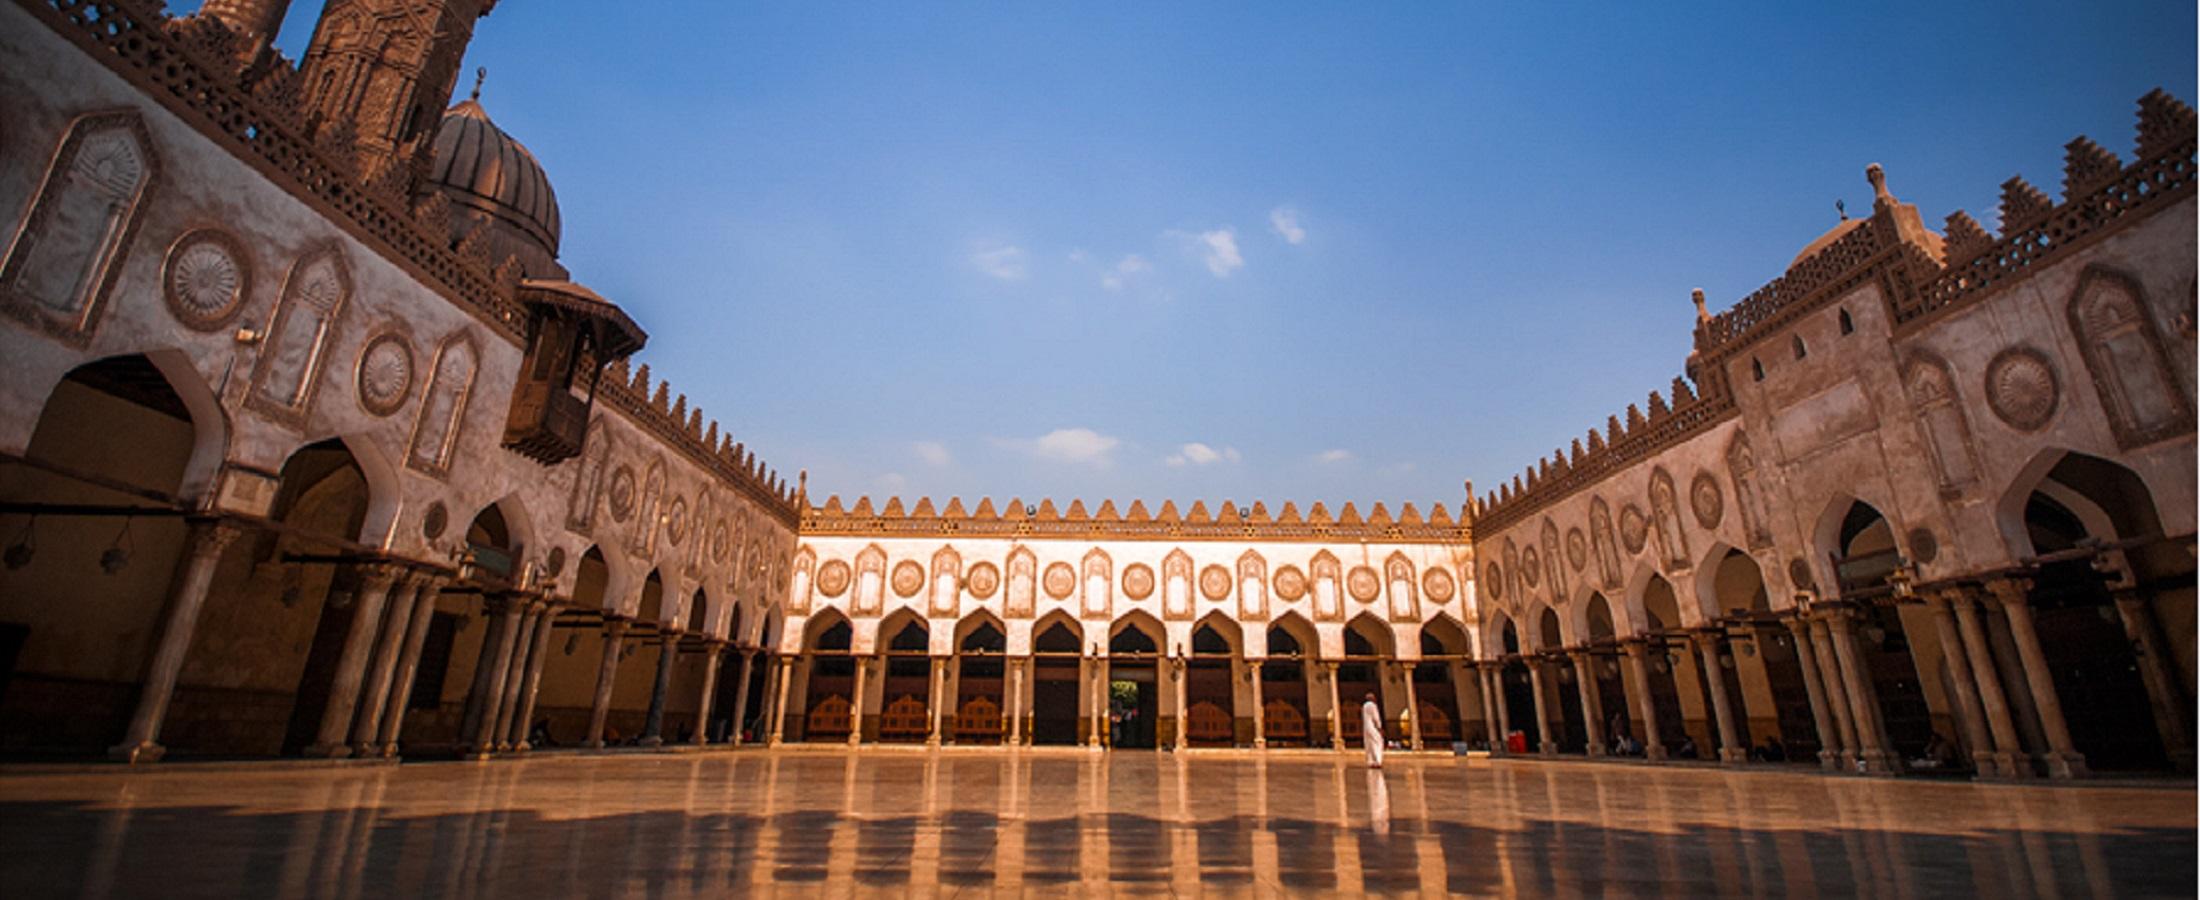 https: img.okezone.com content 2020 05 18 614 2215713 al-azhar-umat-islam-harus-sholat-idul-fitri-di-rumah-Nru56mxcxV.jpg